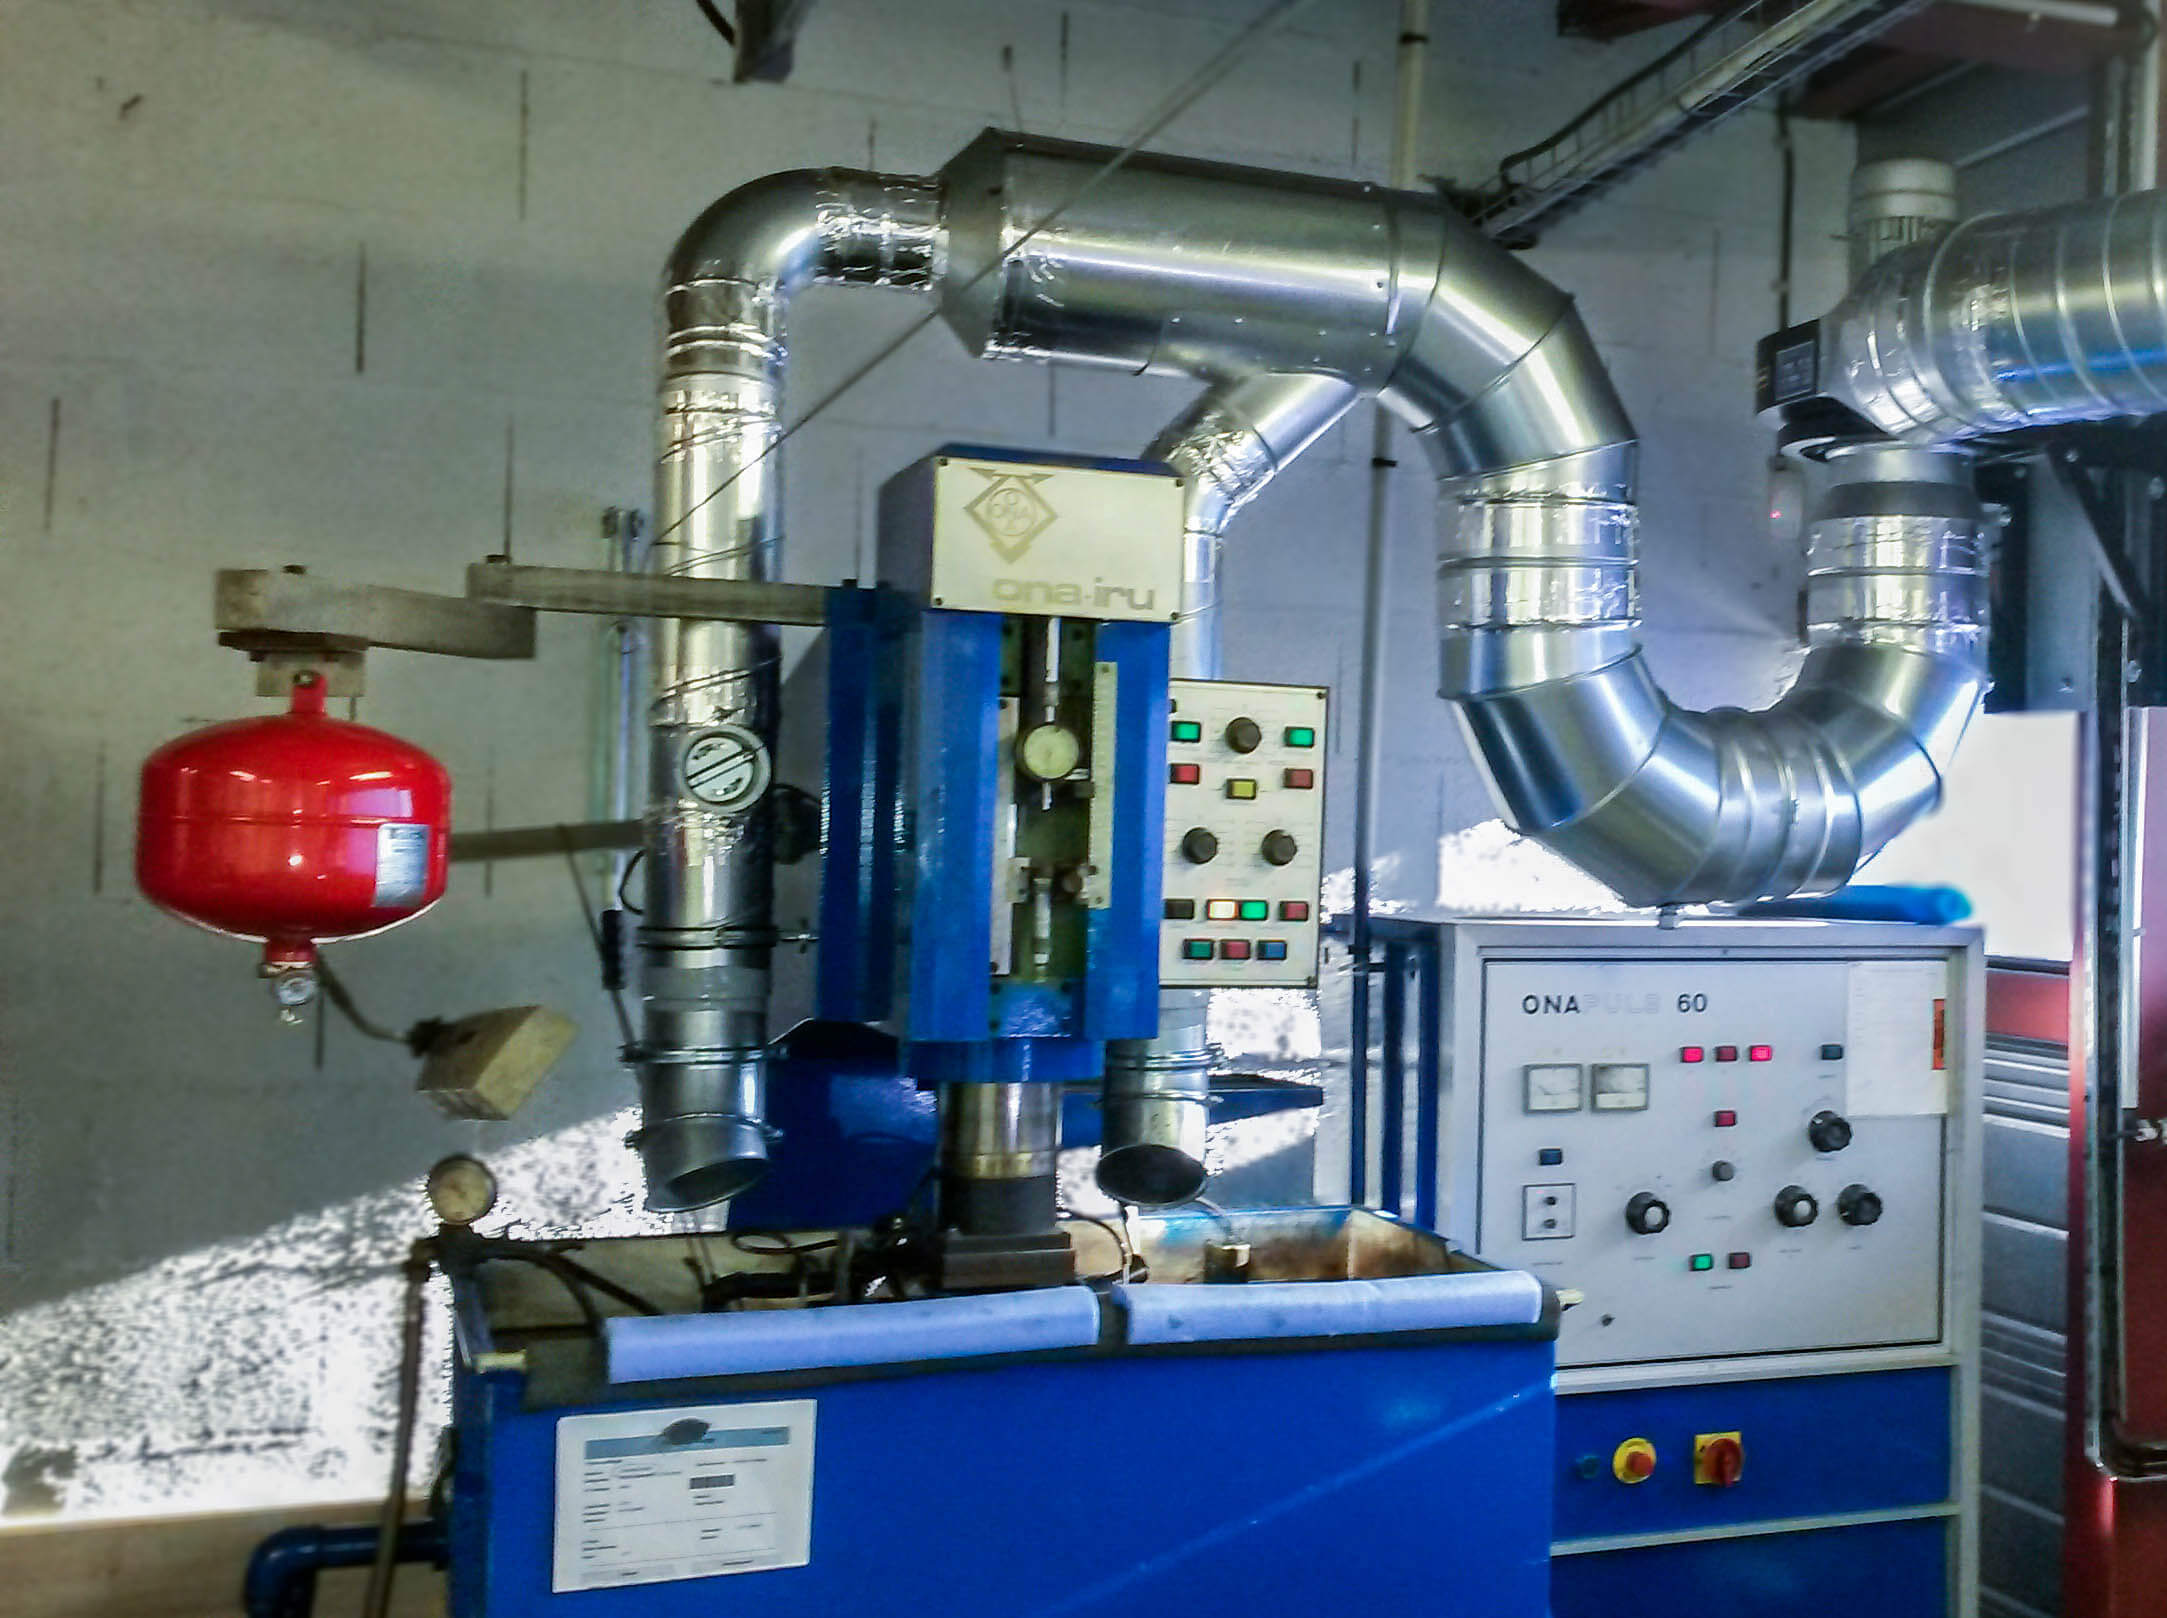 Aspiration de fumée issue d'un bain à électroérosion à l'aide d'un réseau en gaine spiralée galvanisé.